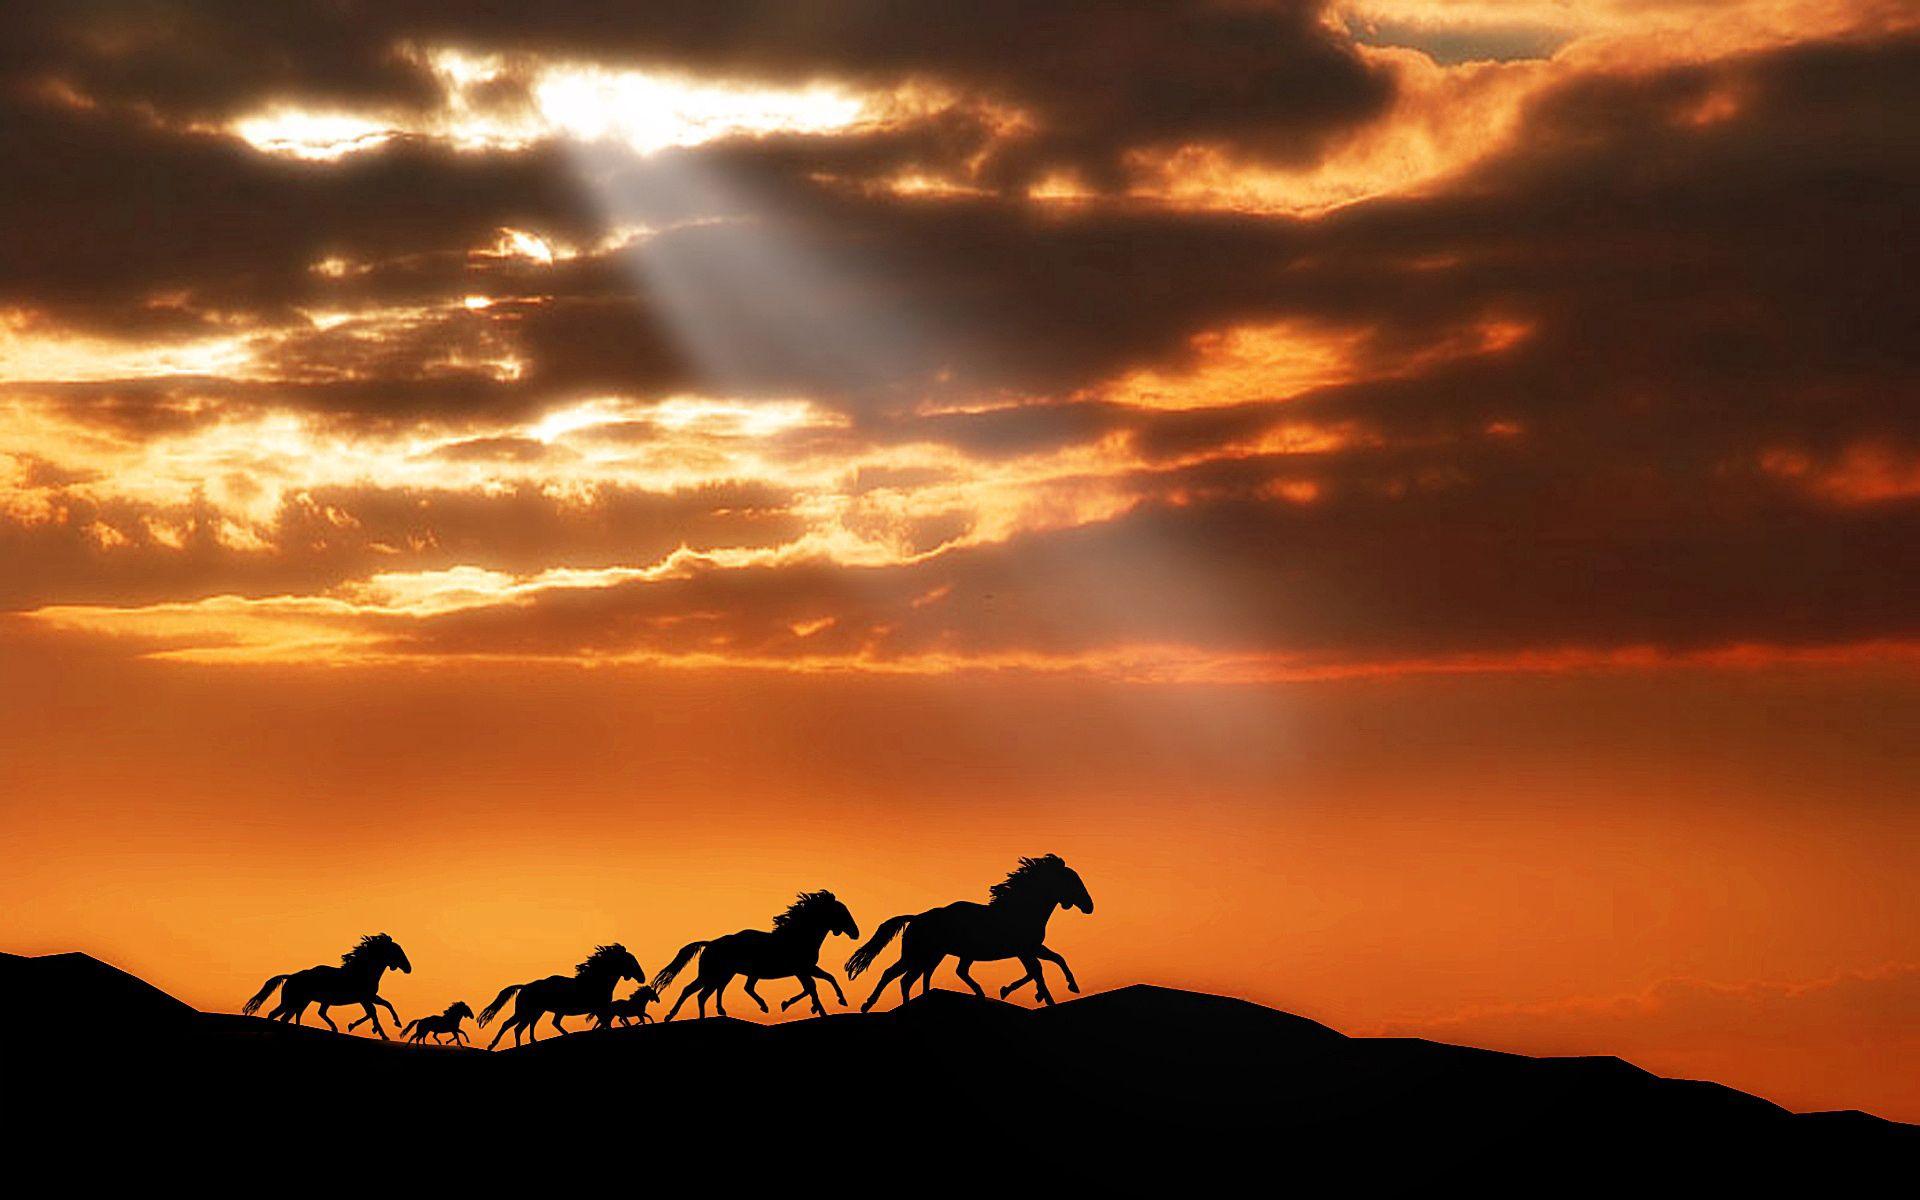 142573 скачать обои Животные, Лошади, Табун, Закат, Силуэты, Бежать - заставки и картинки бесплатно